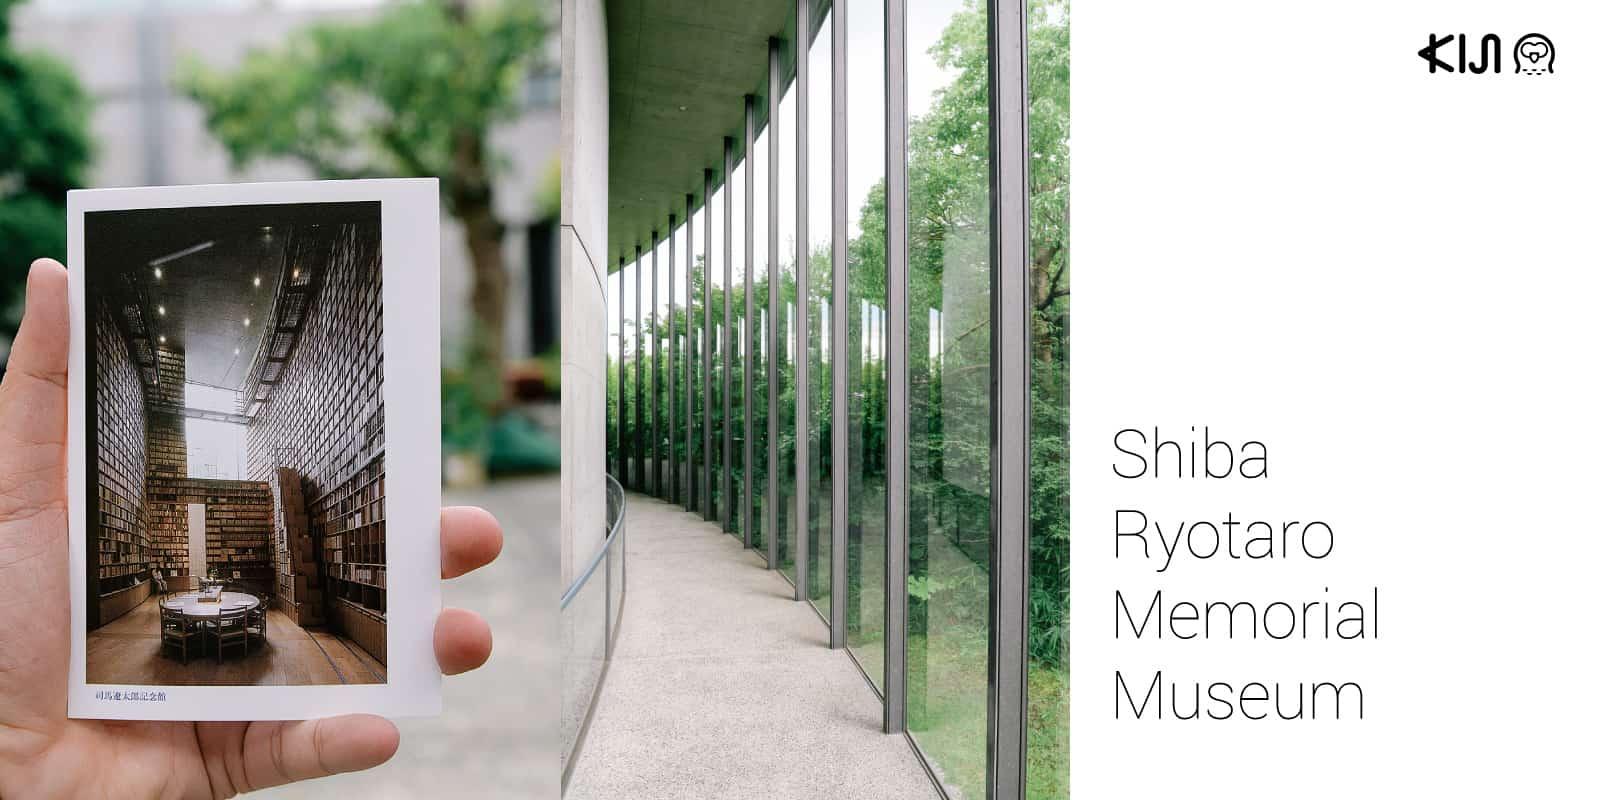 Shiba Ryotaro Memorial Museum. Osaka